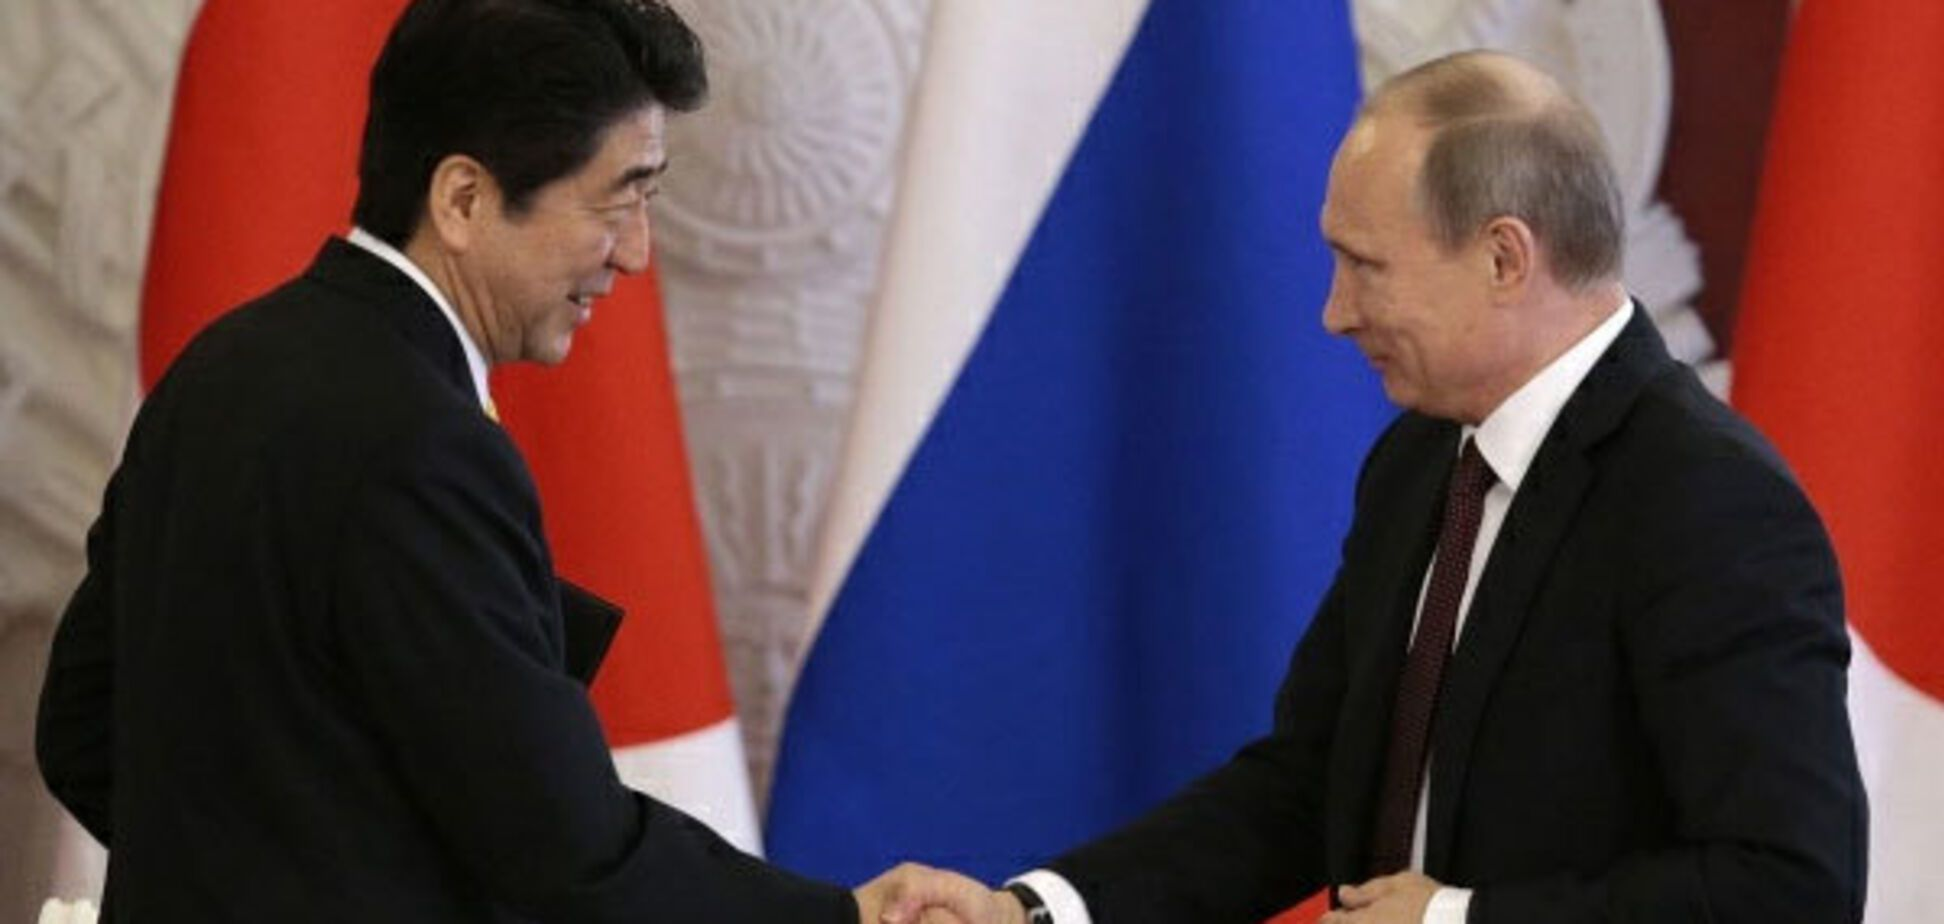 У ЗМІ просочилася обіцянка прем'єра Японії Путіну: в чому річ